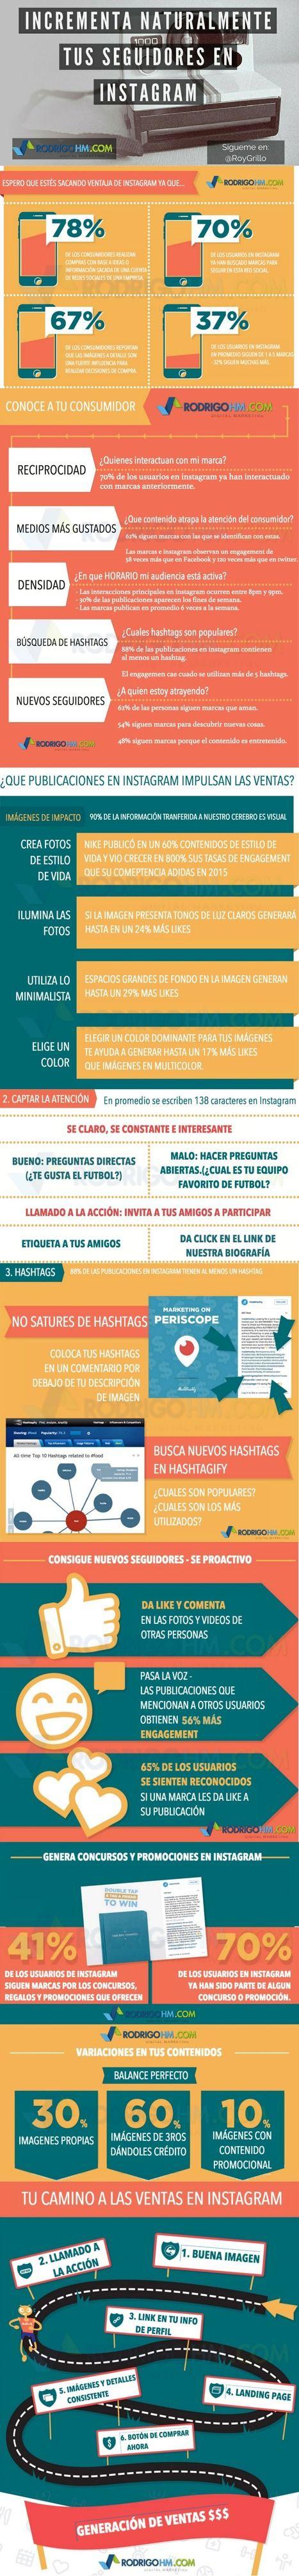 Cómo aumentar tus seguidores en Instagram #infografia #infographic #socialmedia   Redes sociales y Social Media   Scoop.it